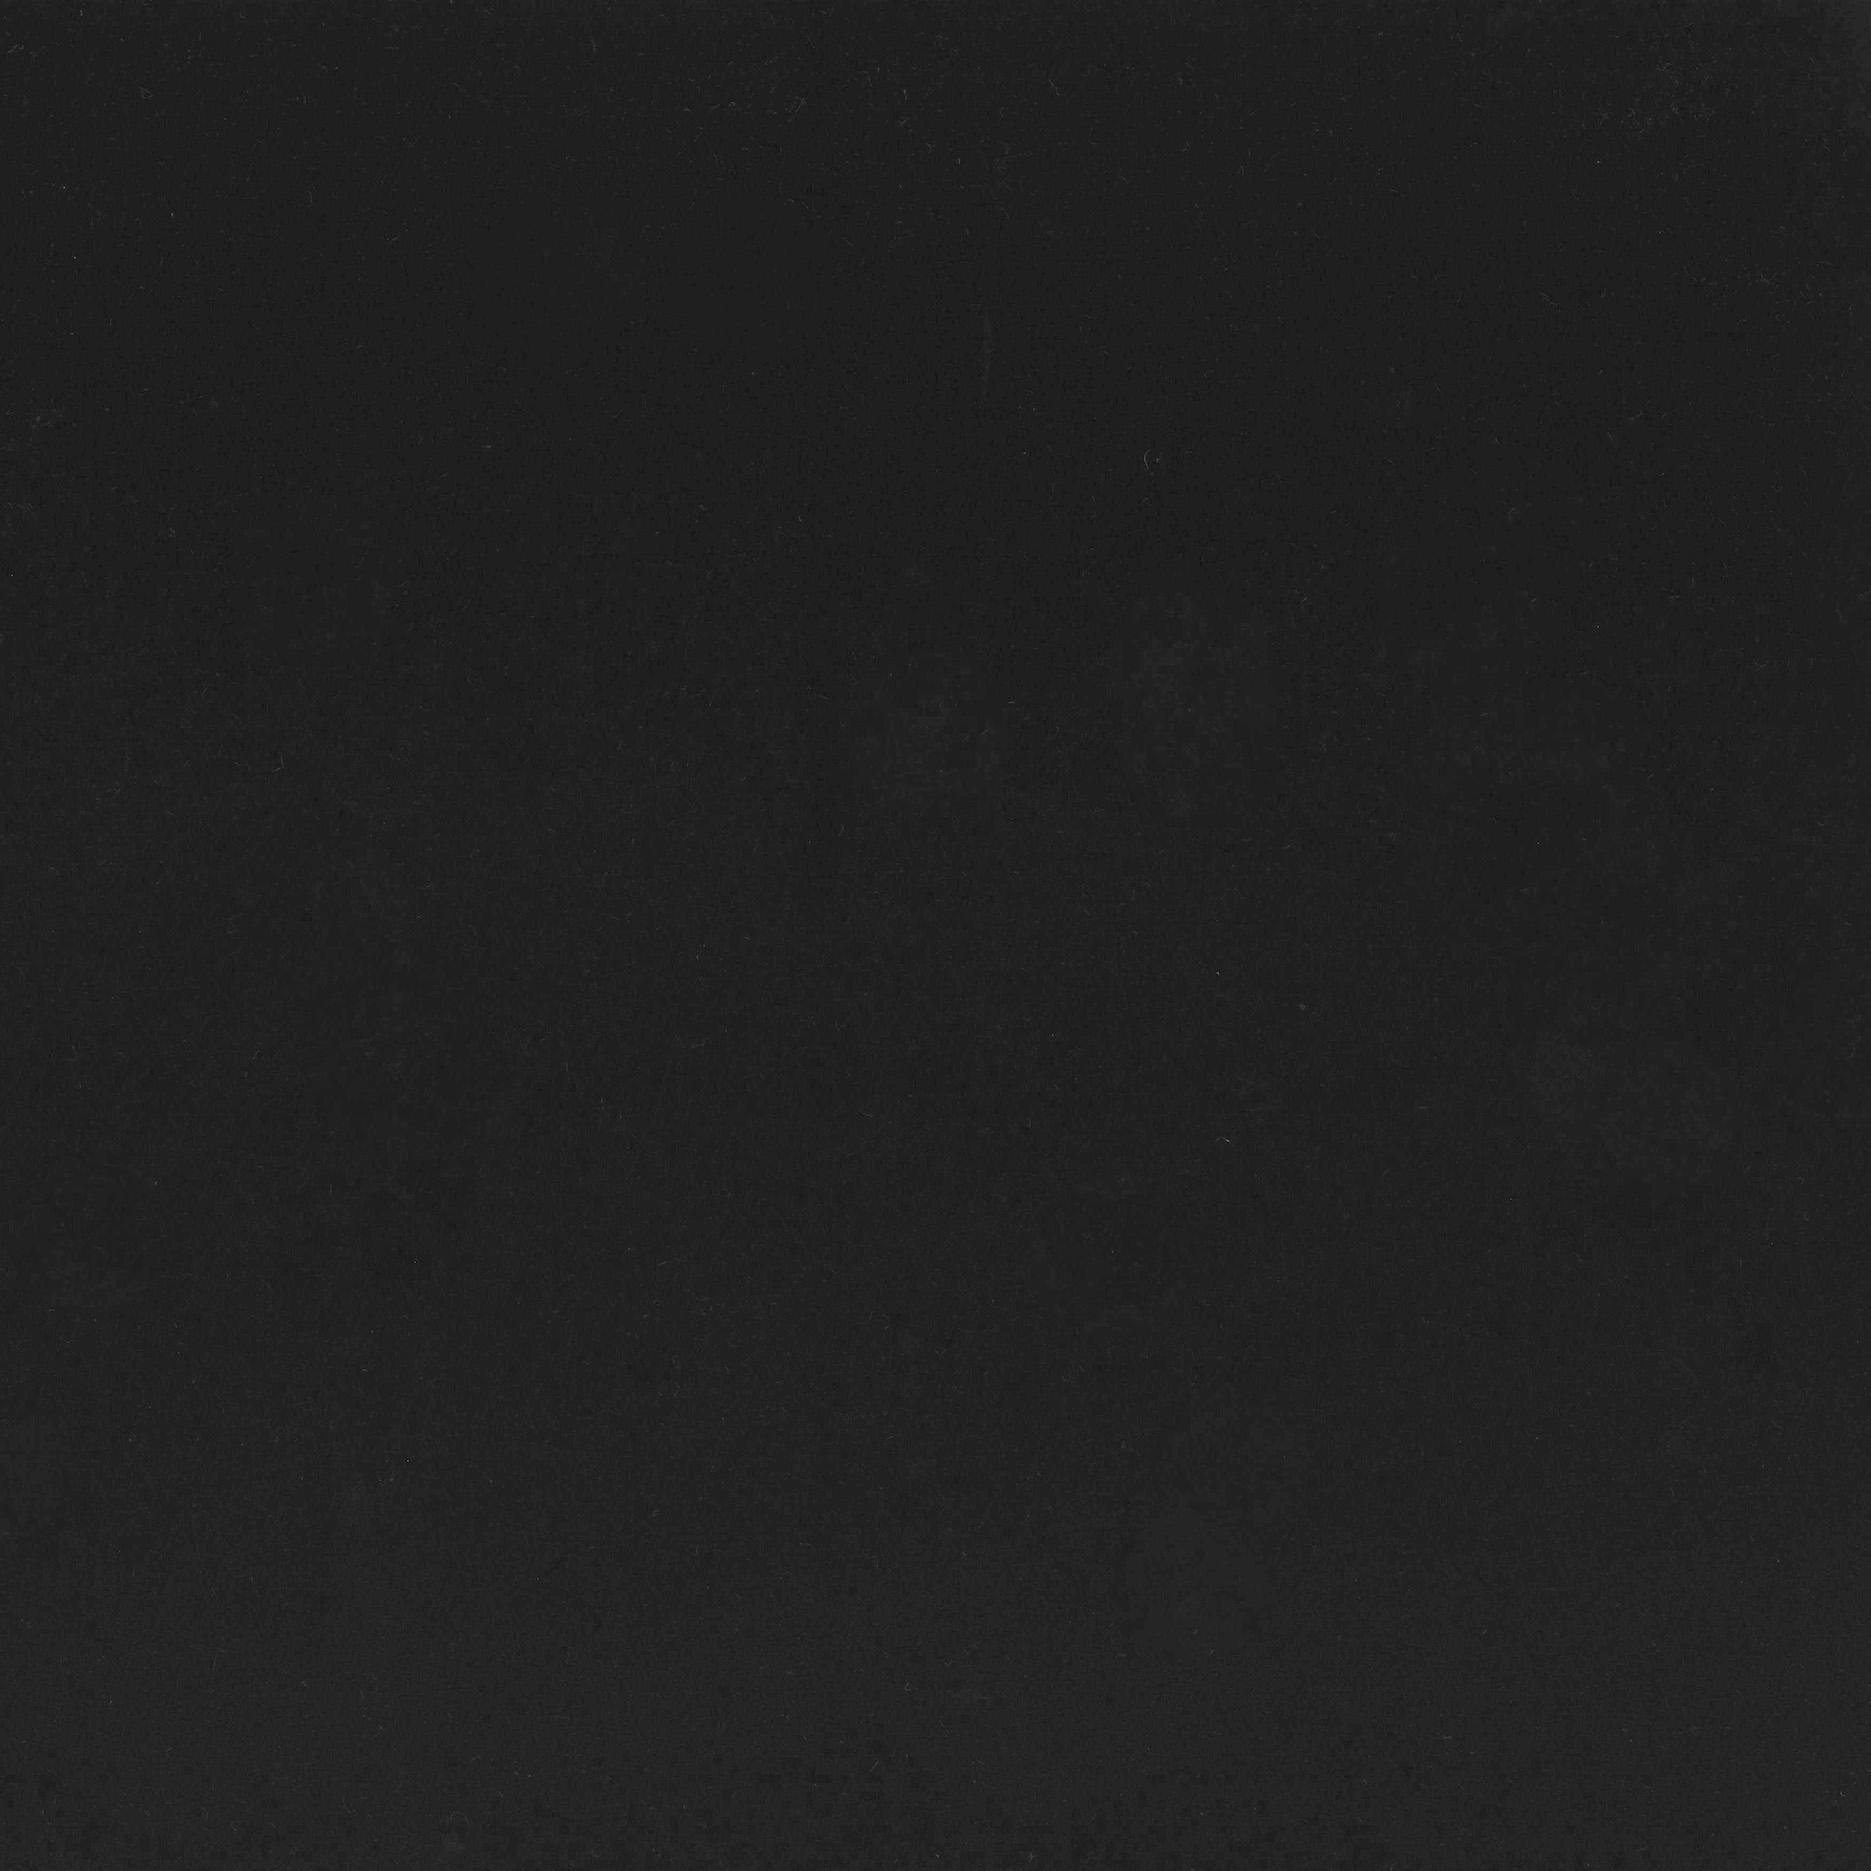 EXCL. Lario black